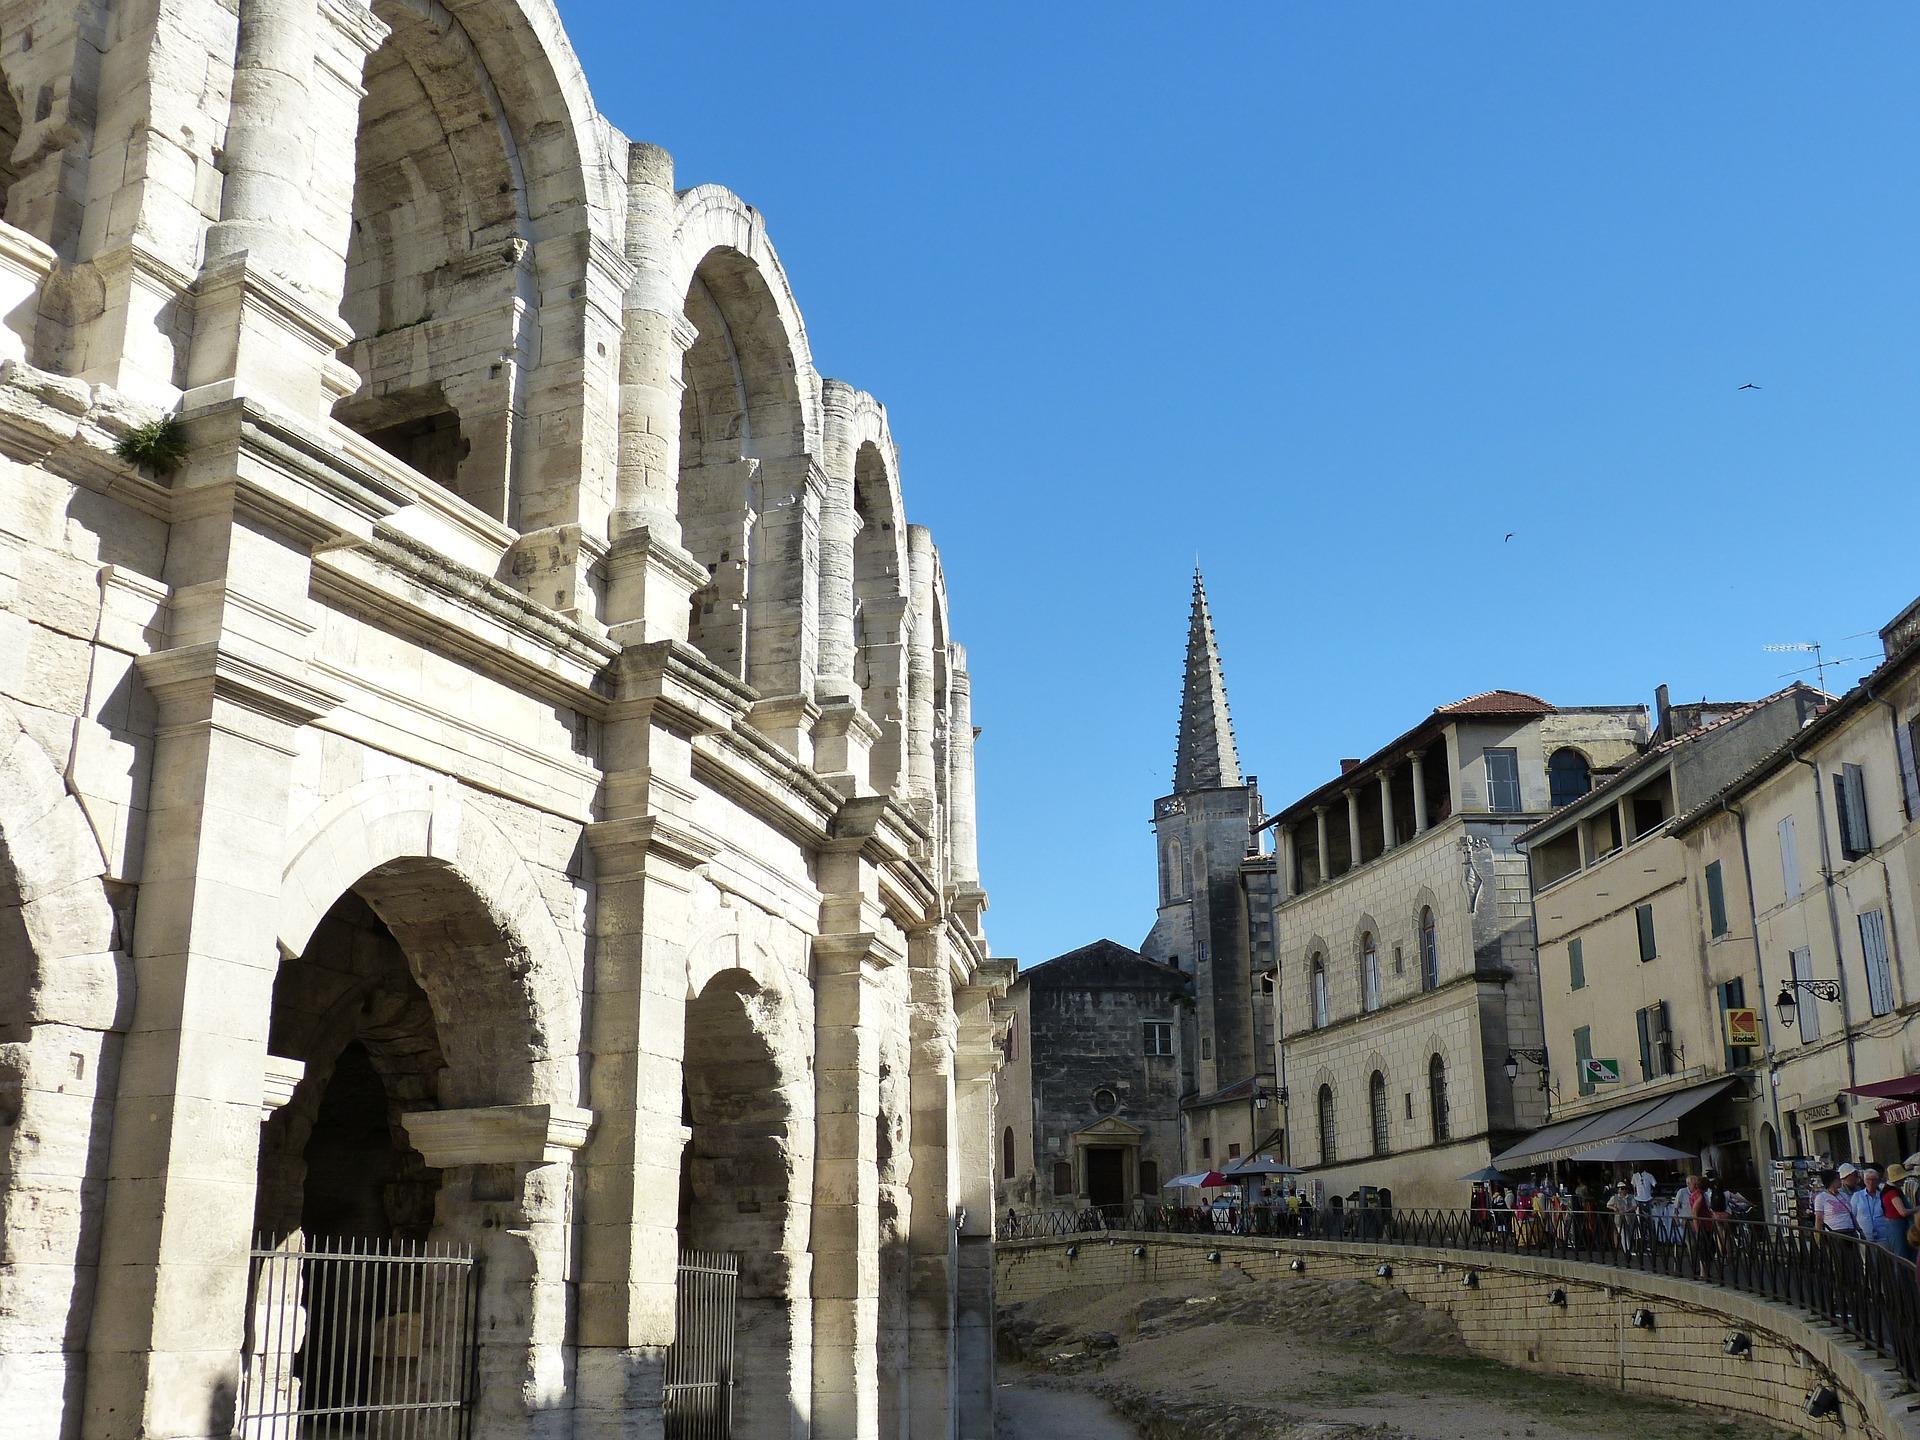 Ar%C3%A8nes_d'Arles.jpg?1542118702